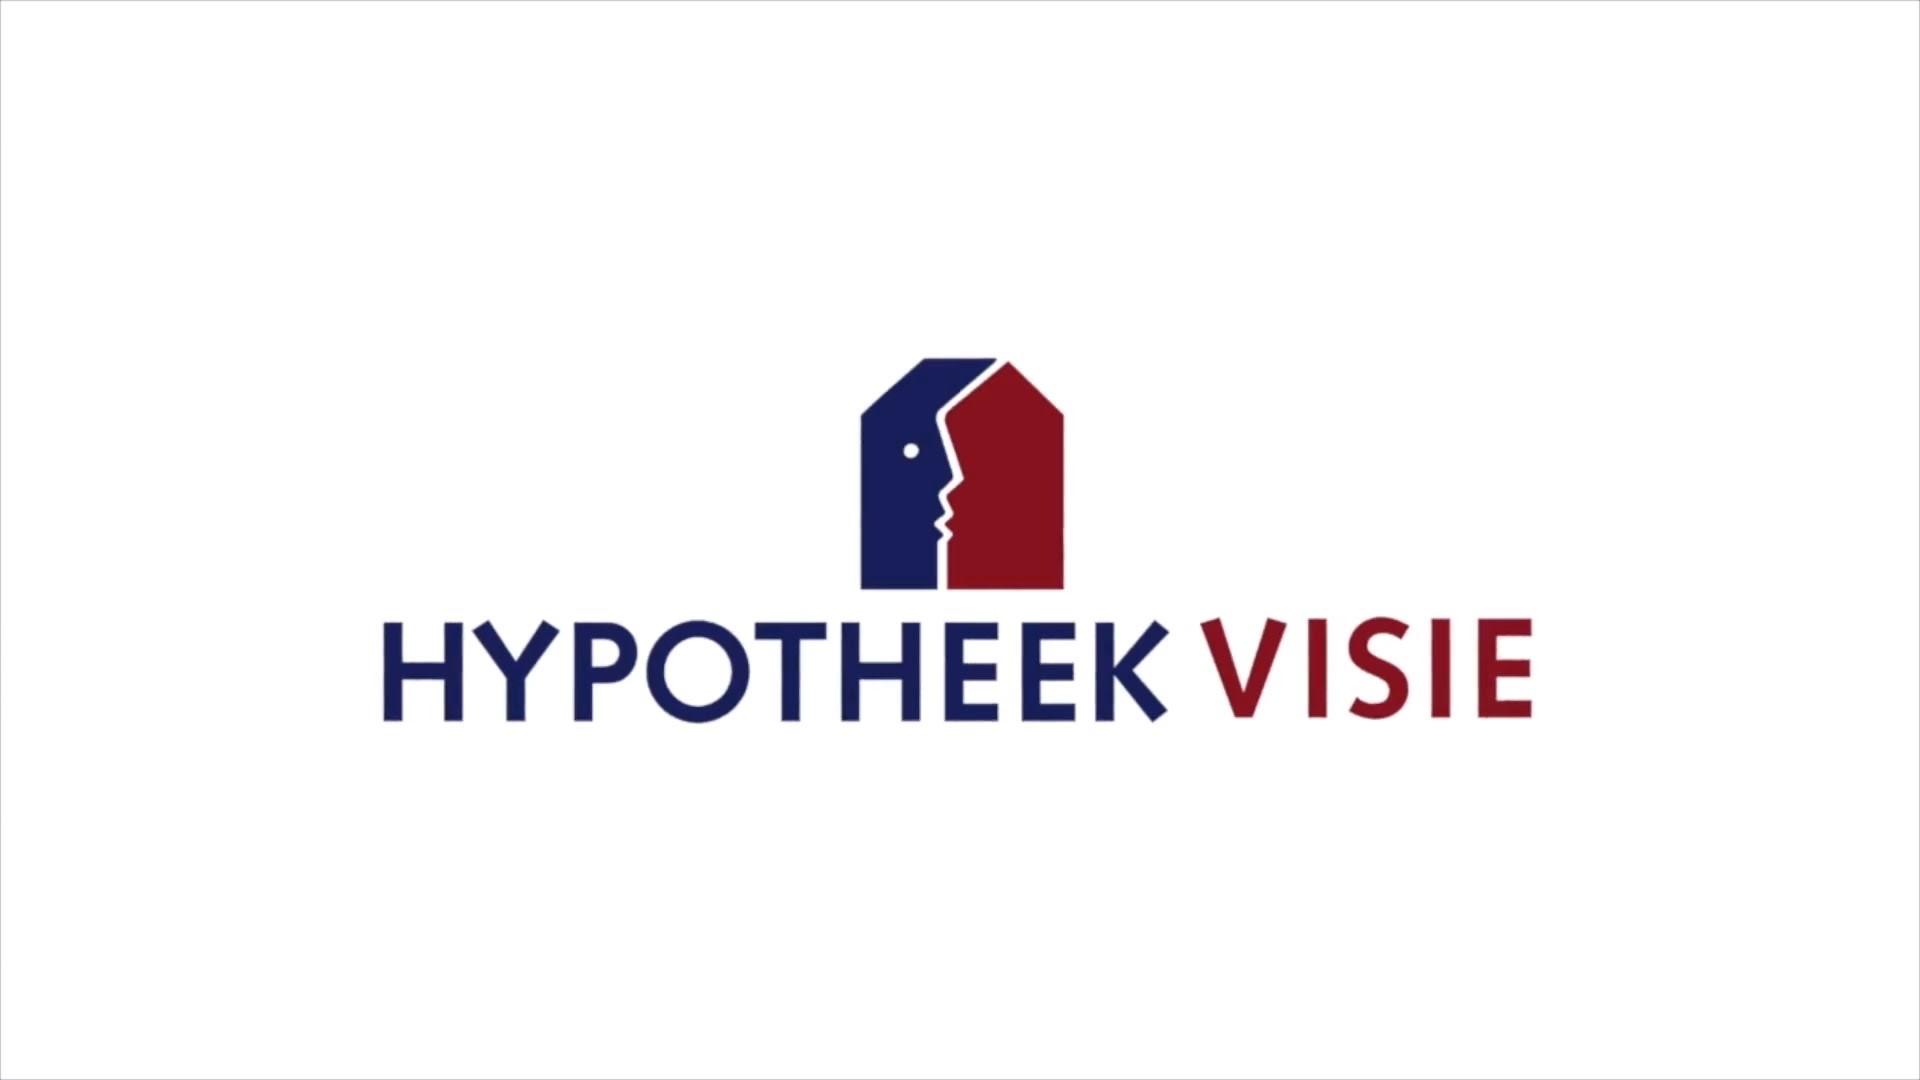 Hypotheek Visie Emmen